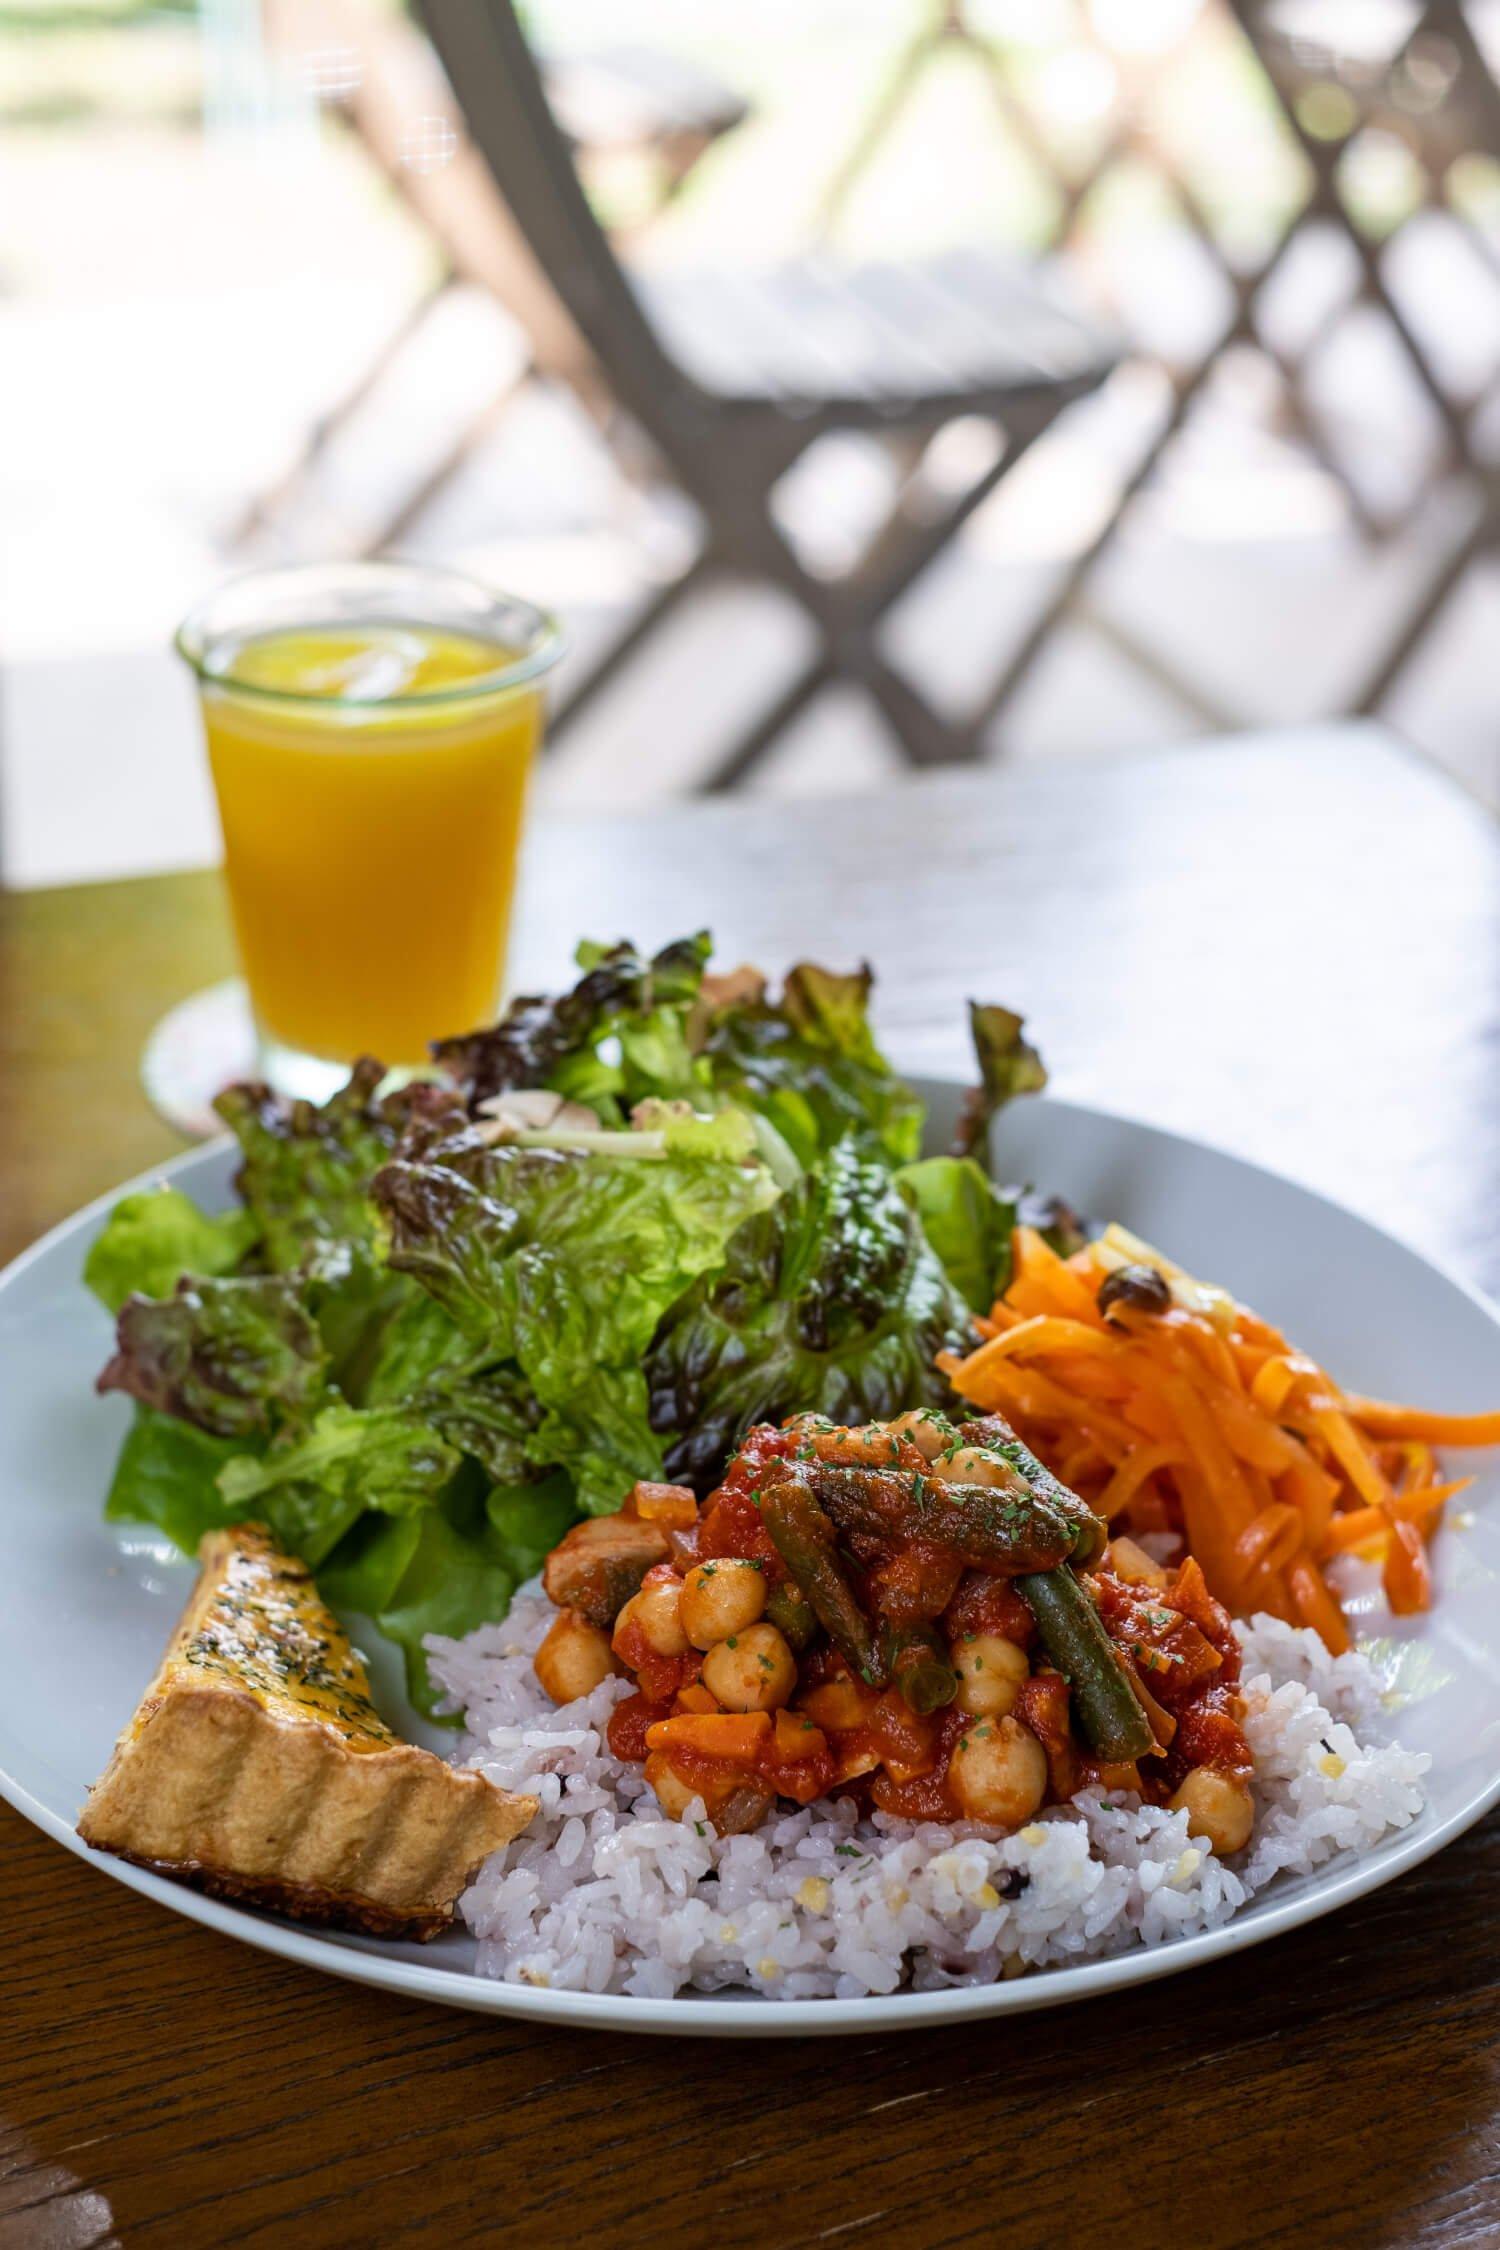 雑穀米の上にひよこ豆のトマト煮がのったランチの定番メニュー。